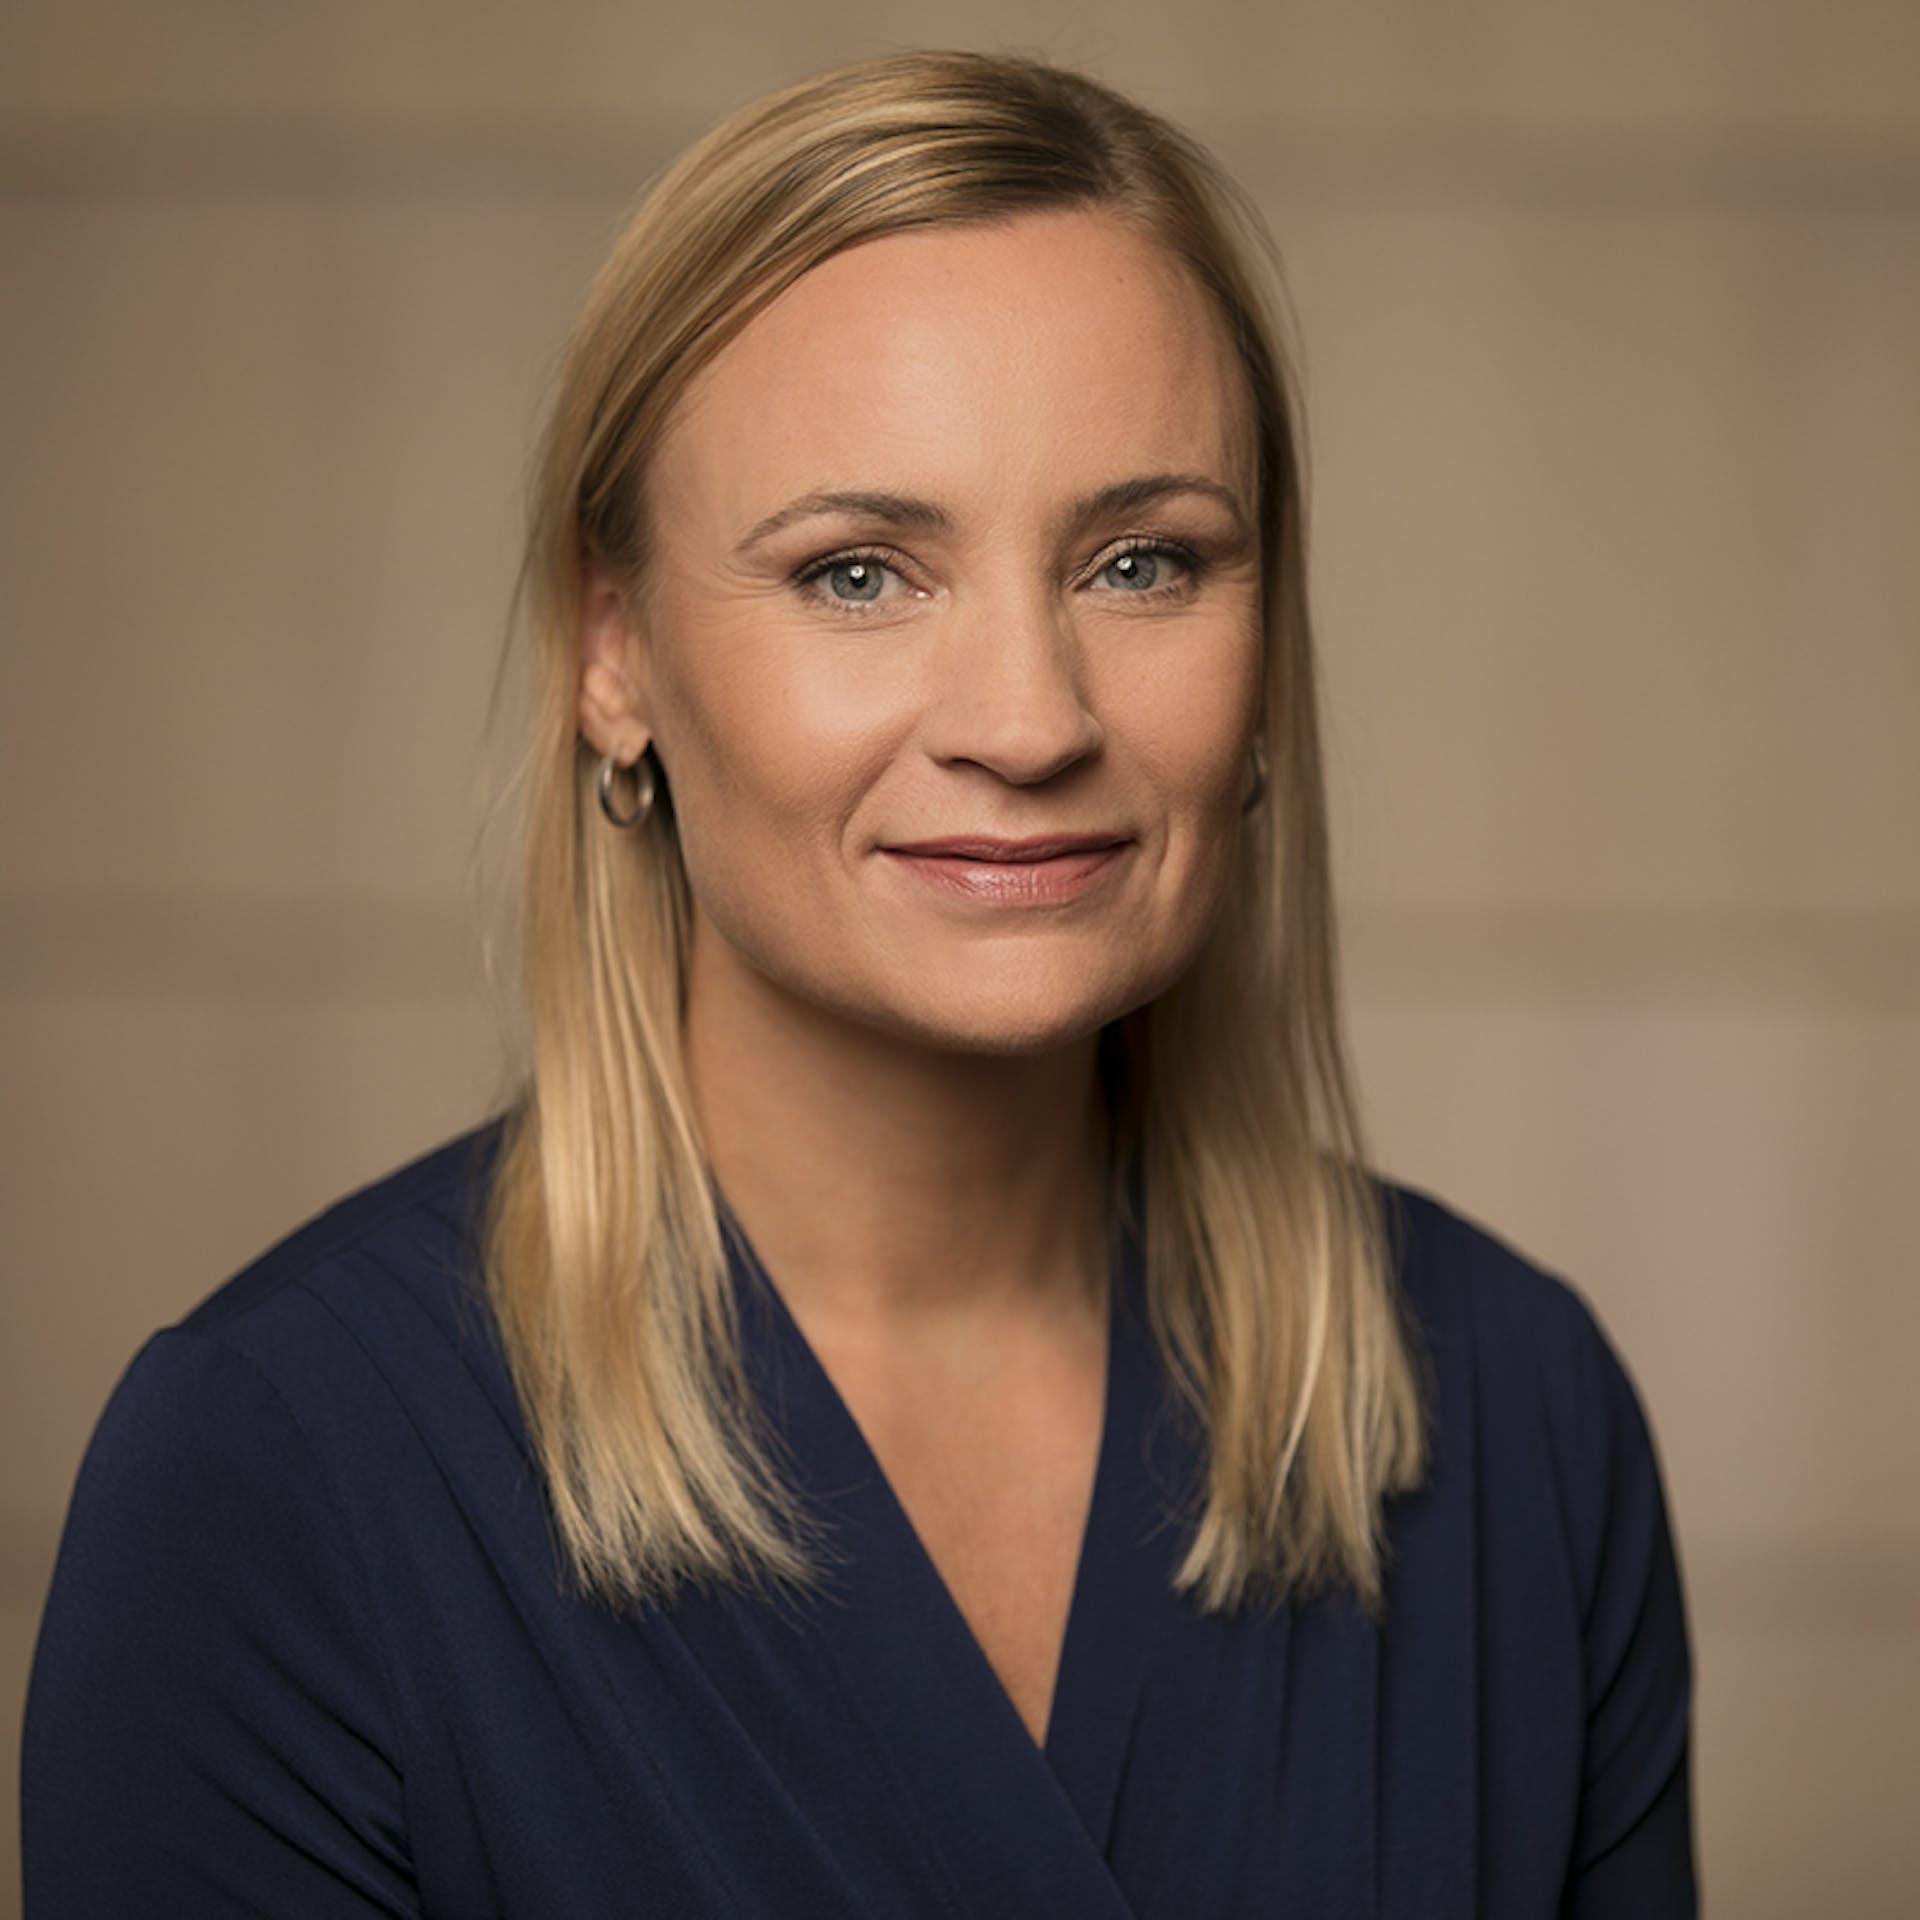 Sigríður A. Árnadóttir